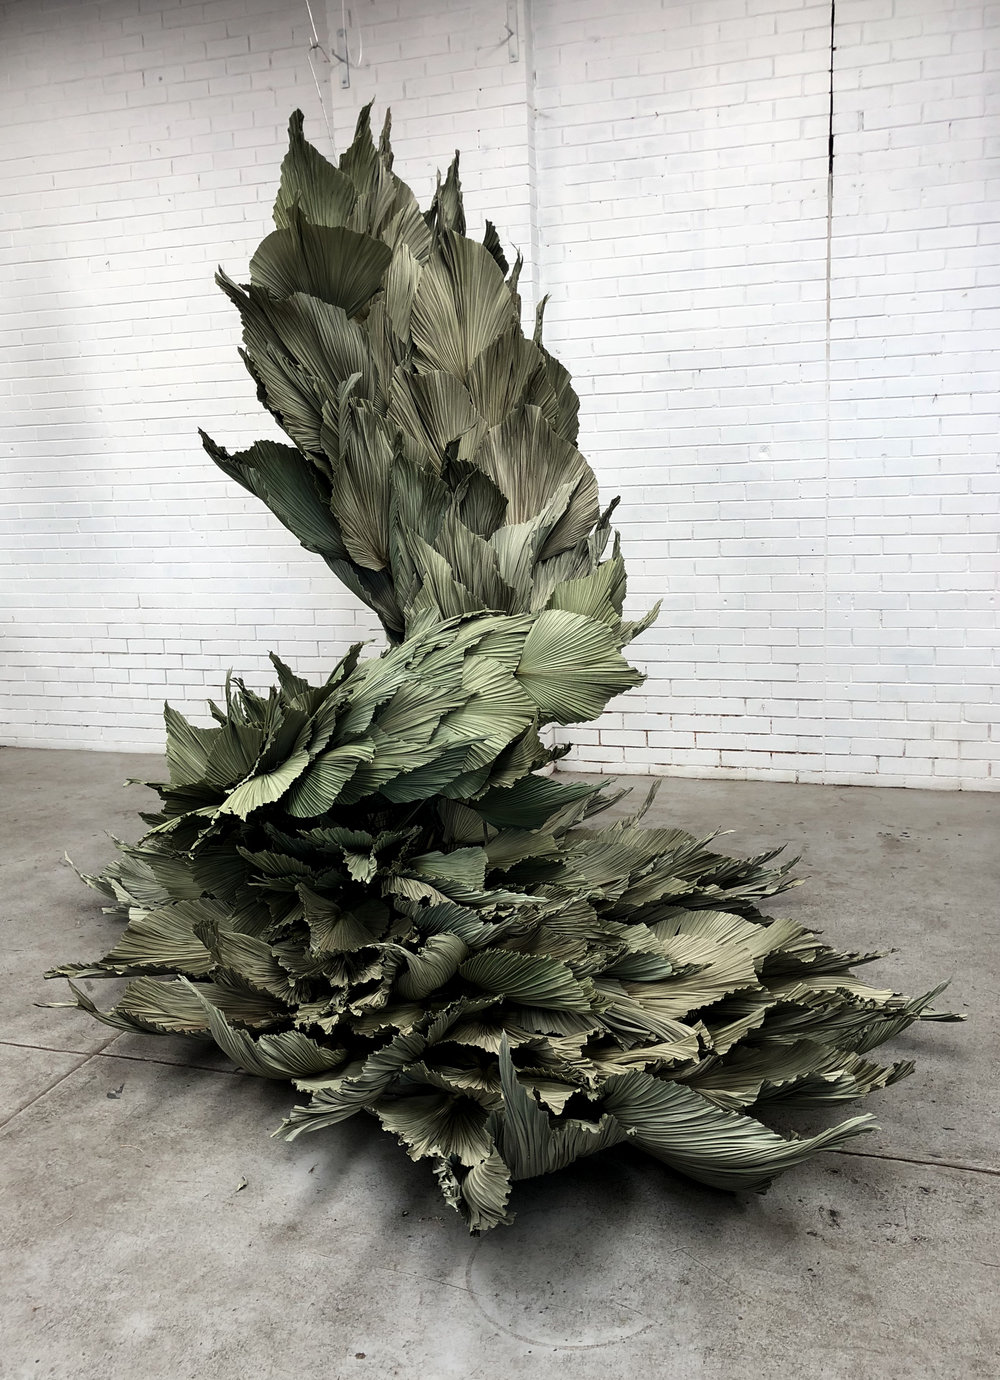 Loose Leaf_Phoenix_Melbourne_2018.jpg